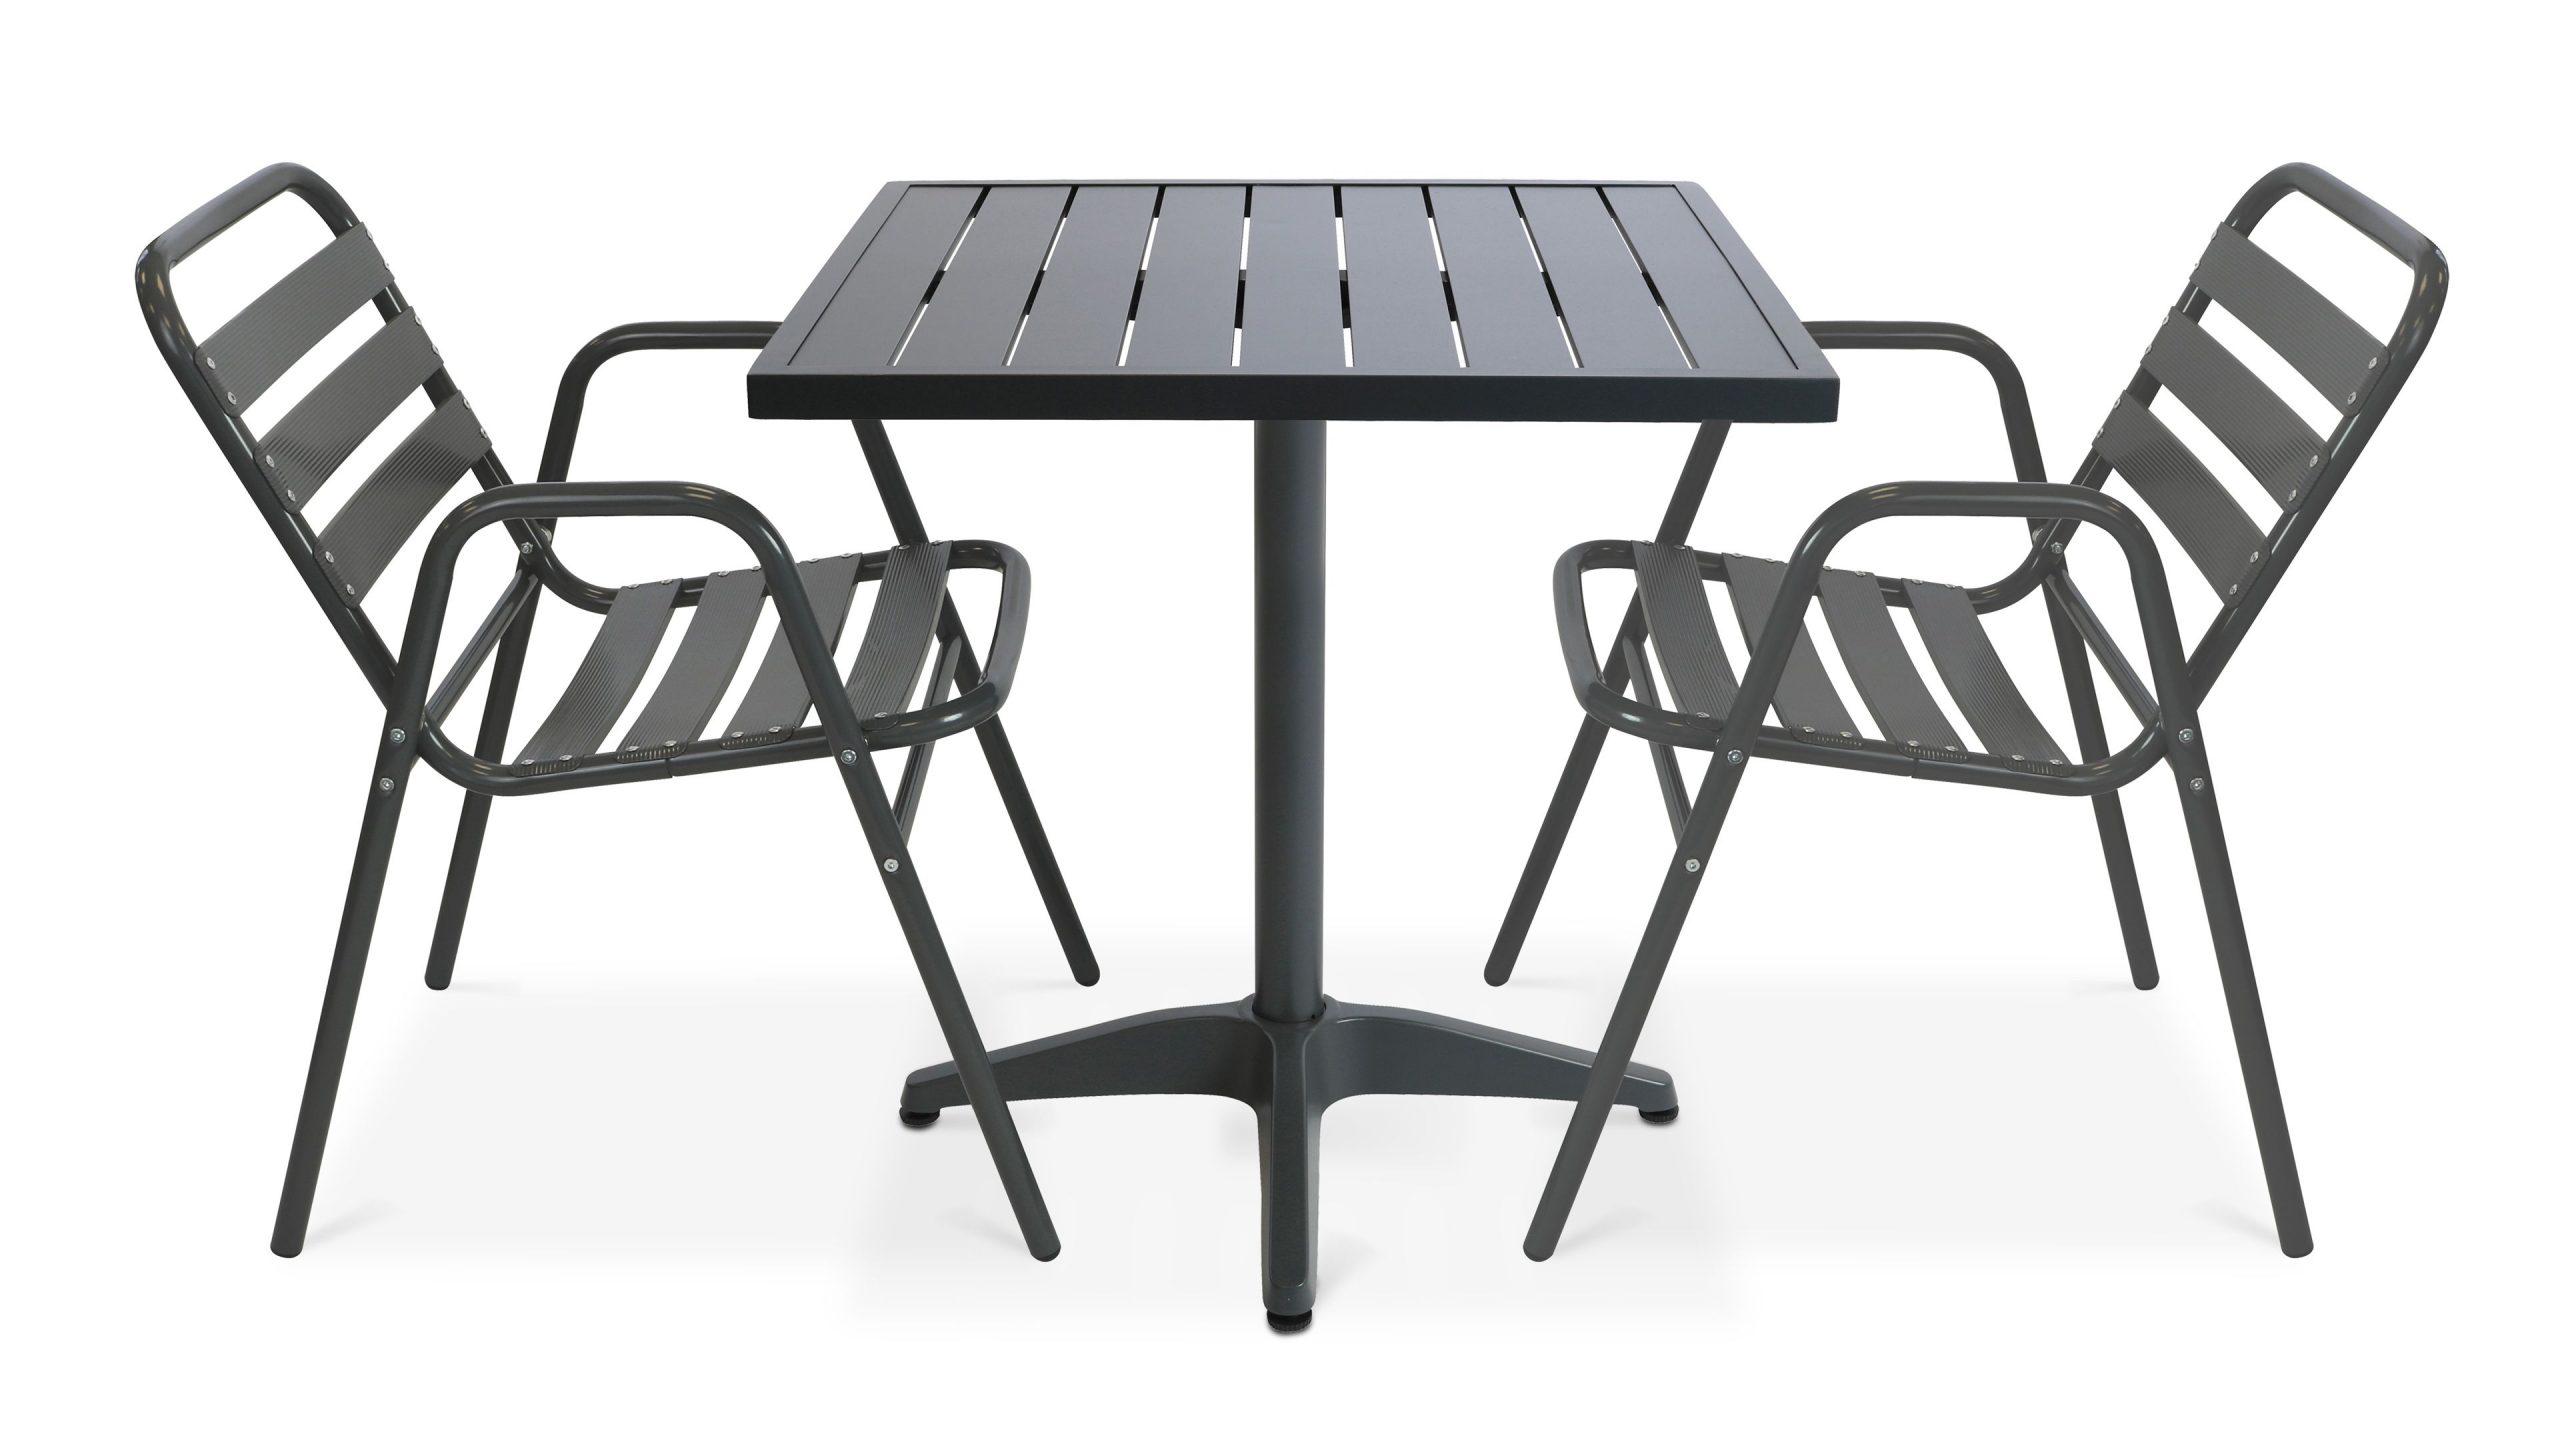 Salon De Jardin Bistrot Gris + 2 Chaises En Aluminium   Chelsea concernant Chaise Bistrot Aluminium Jardin